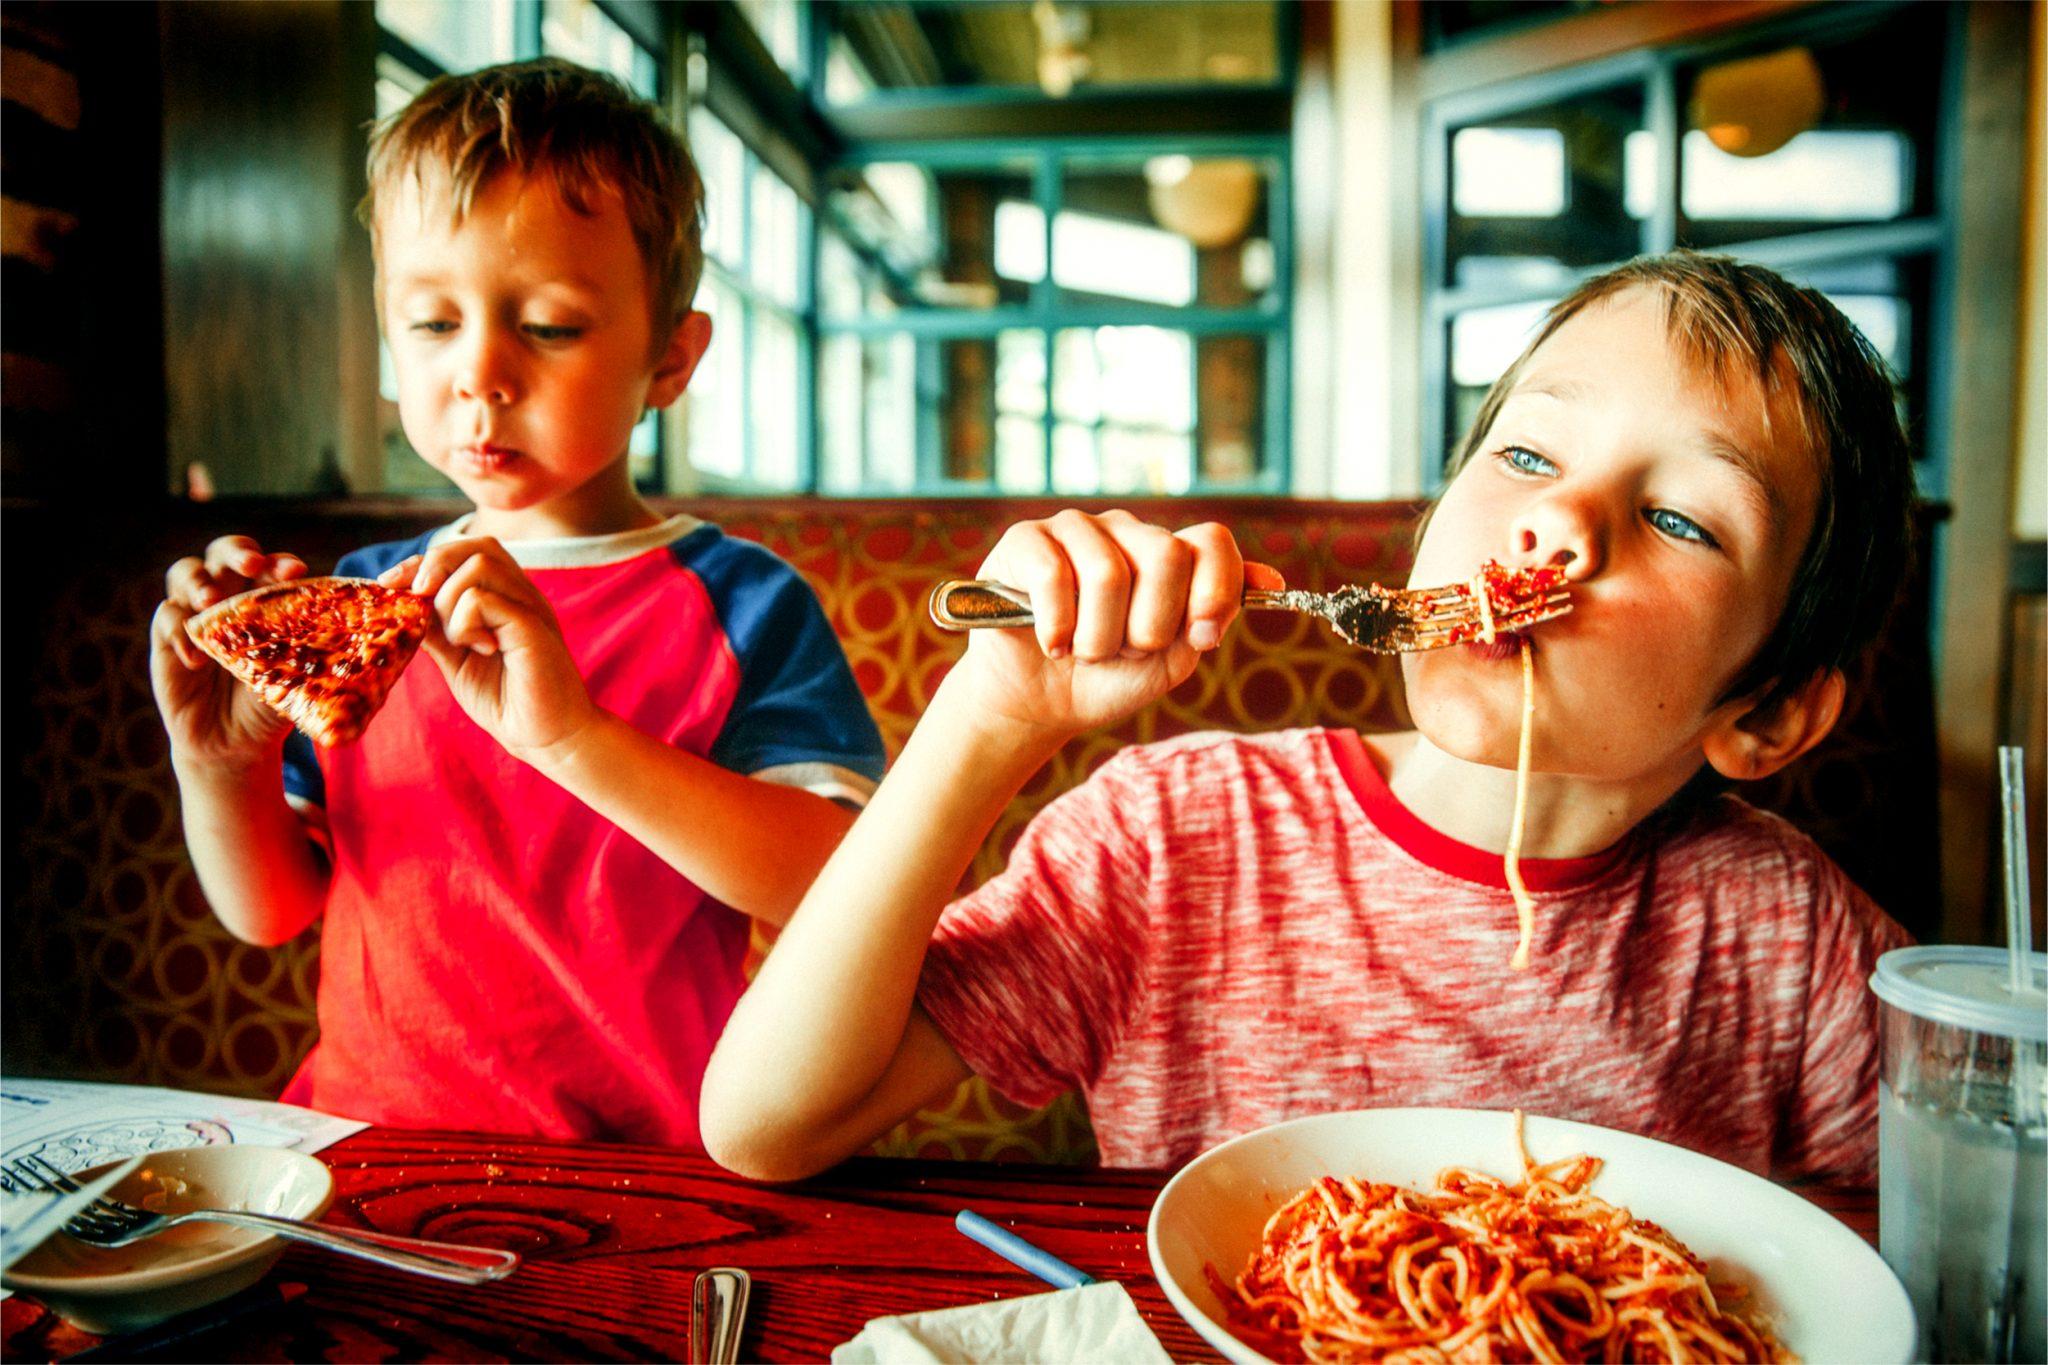 食べ物に食らいつく子ども達